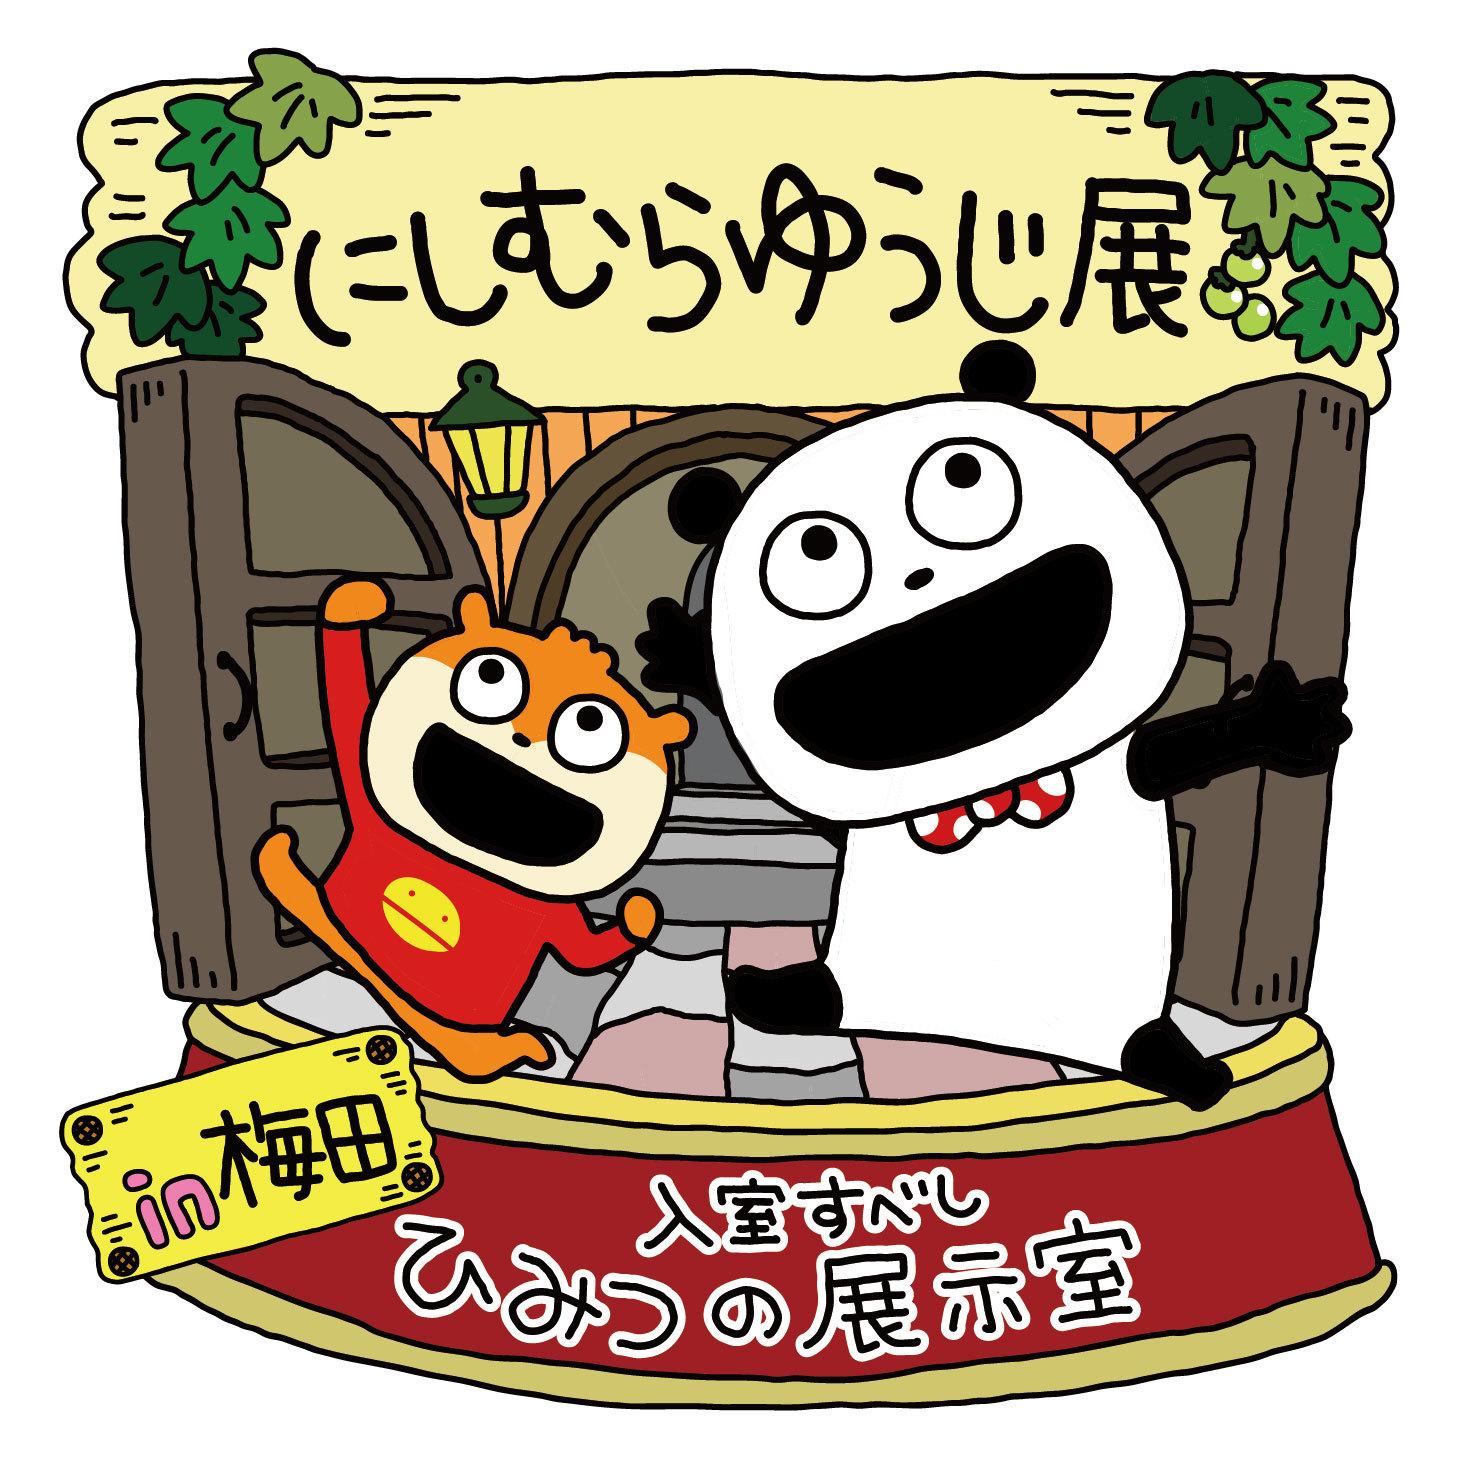 「にしむらゆうじ展」in 梅田ロフト_f0010033_18585025.jpg